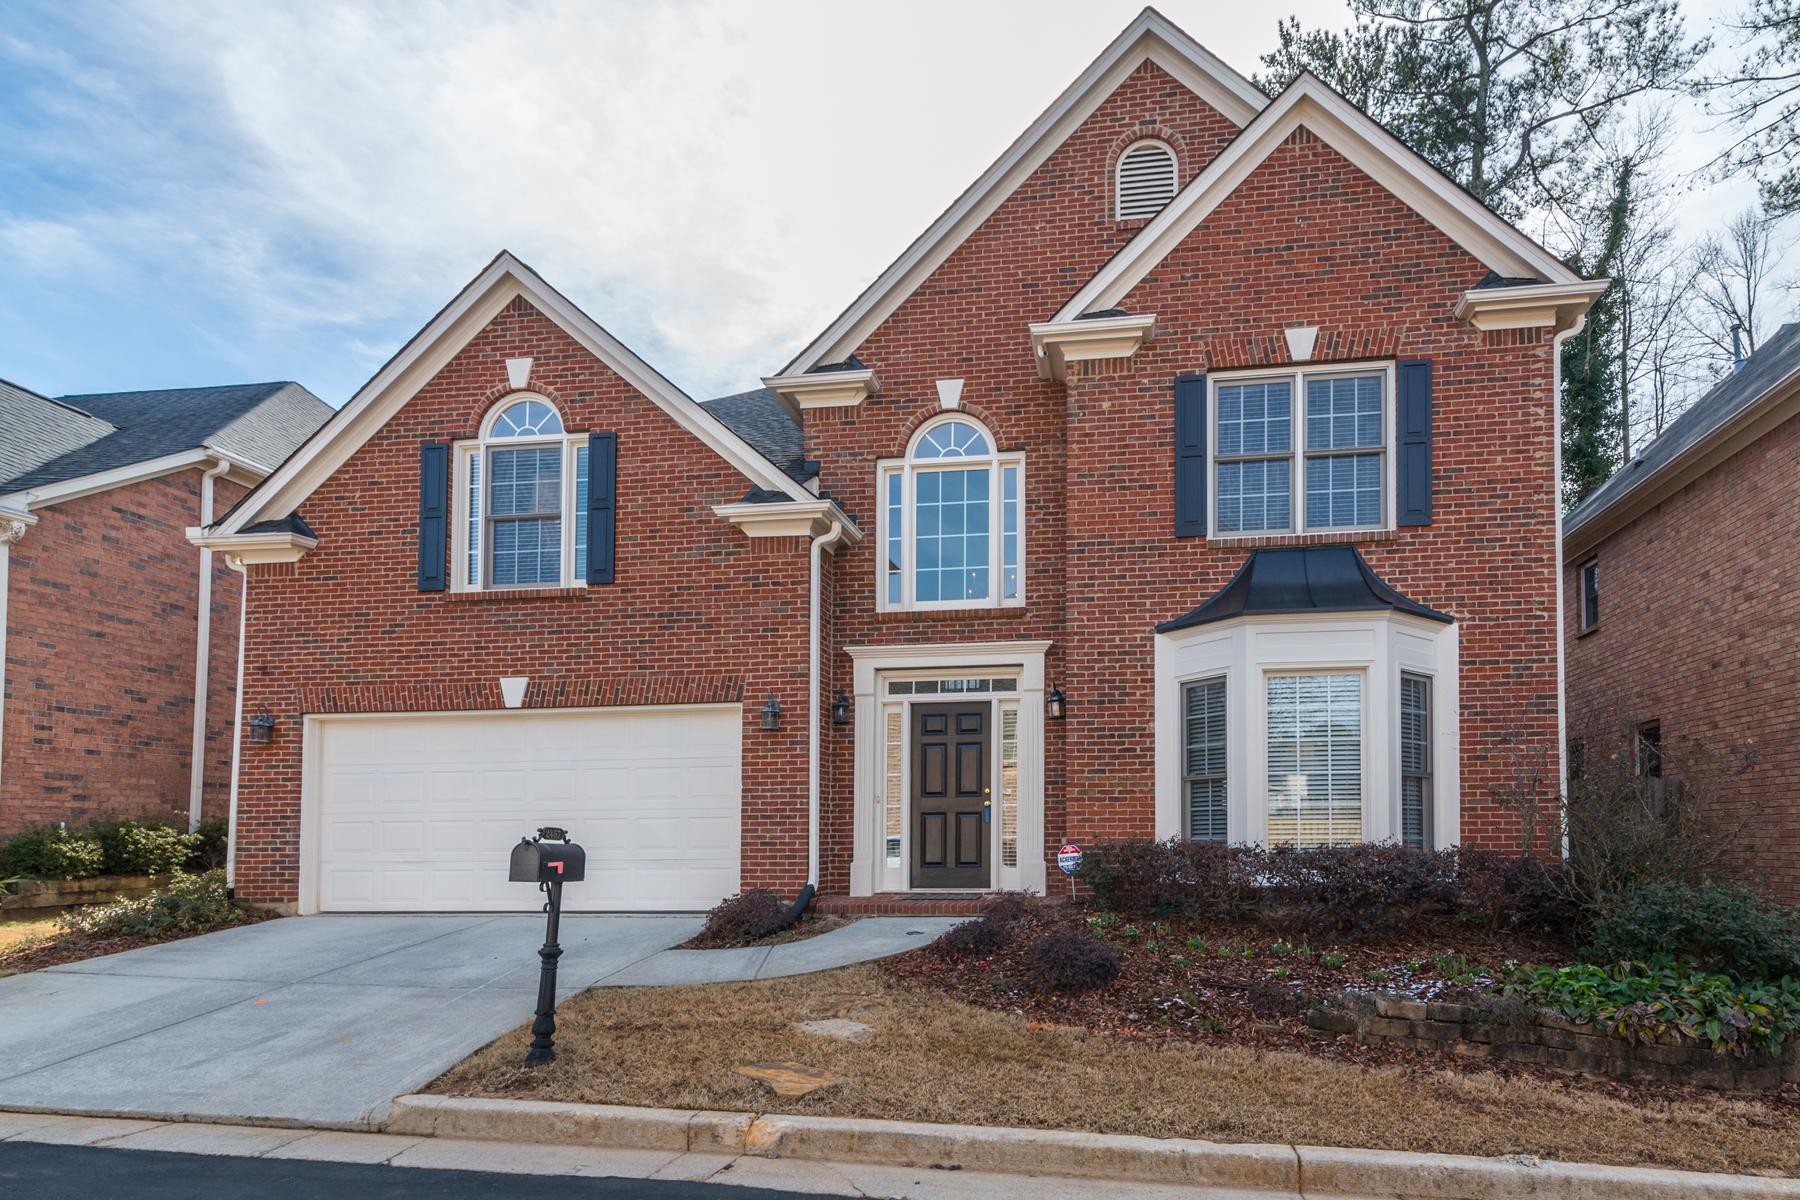 一戸建て のために 売買 アット Immaculate Updated Home In Small Cul-de-sac Neighborhood 2457 Mill Ridge Trail Atlanta, ジョージア 30345 アメリカ合衆国